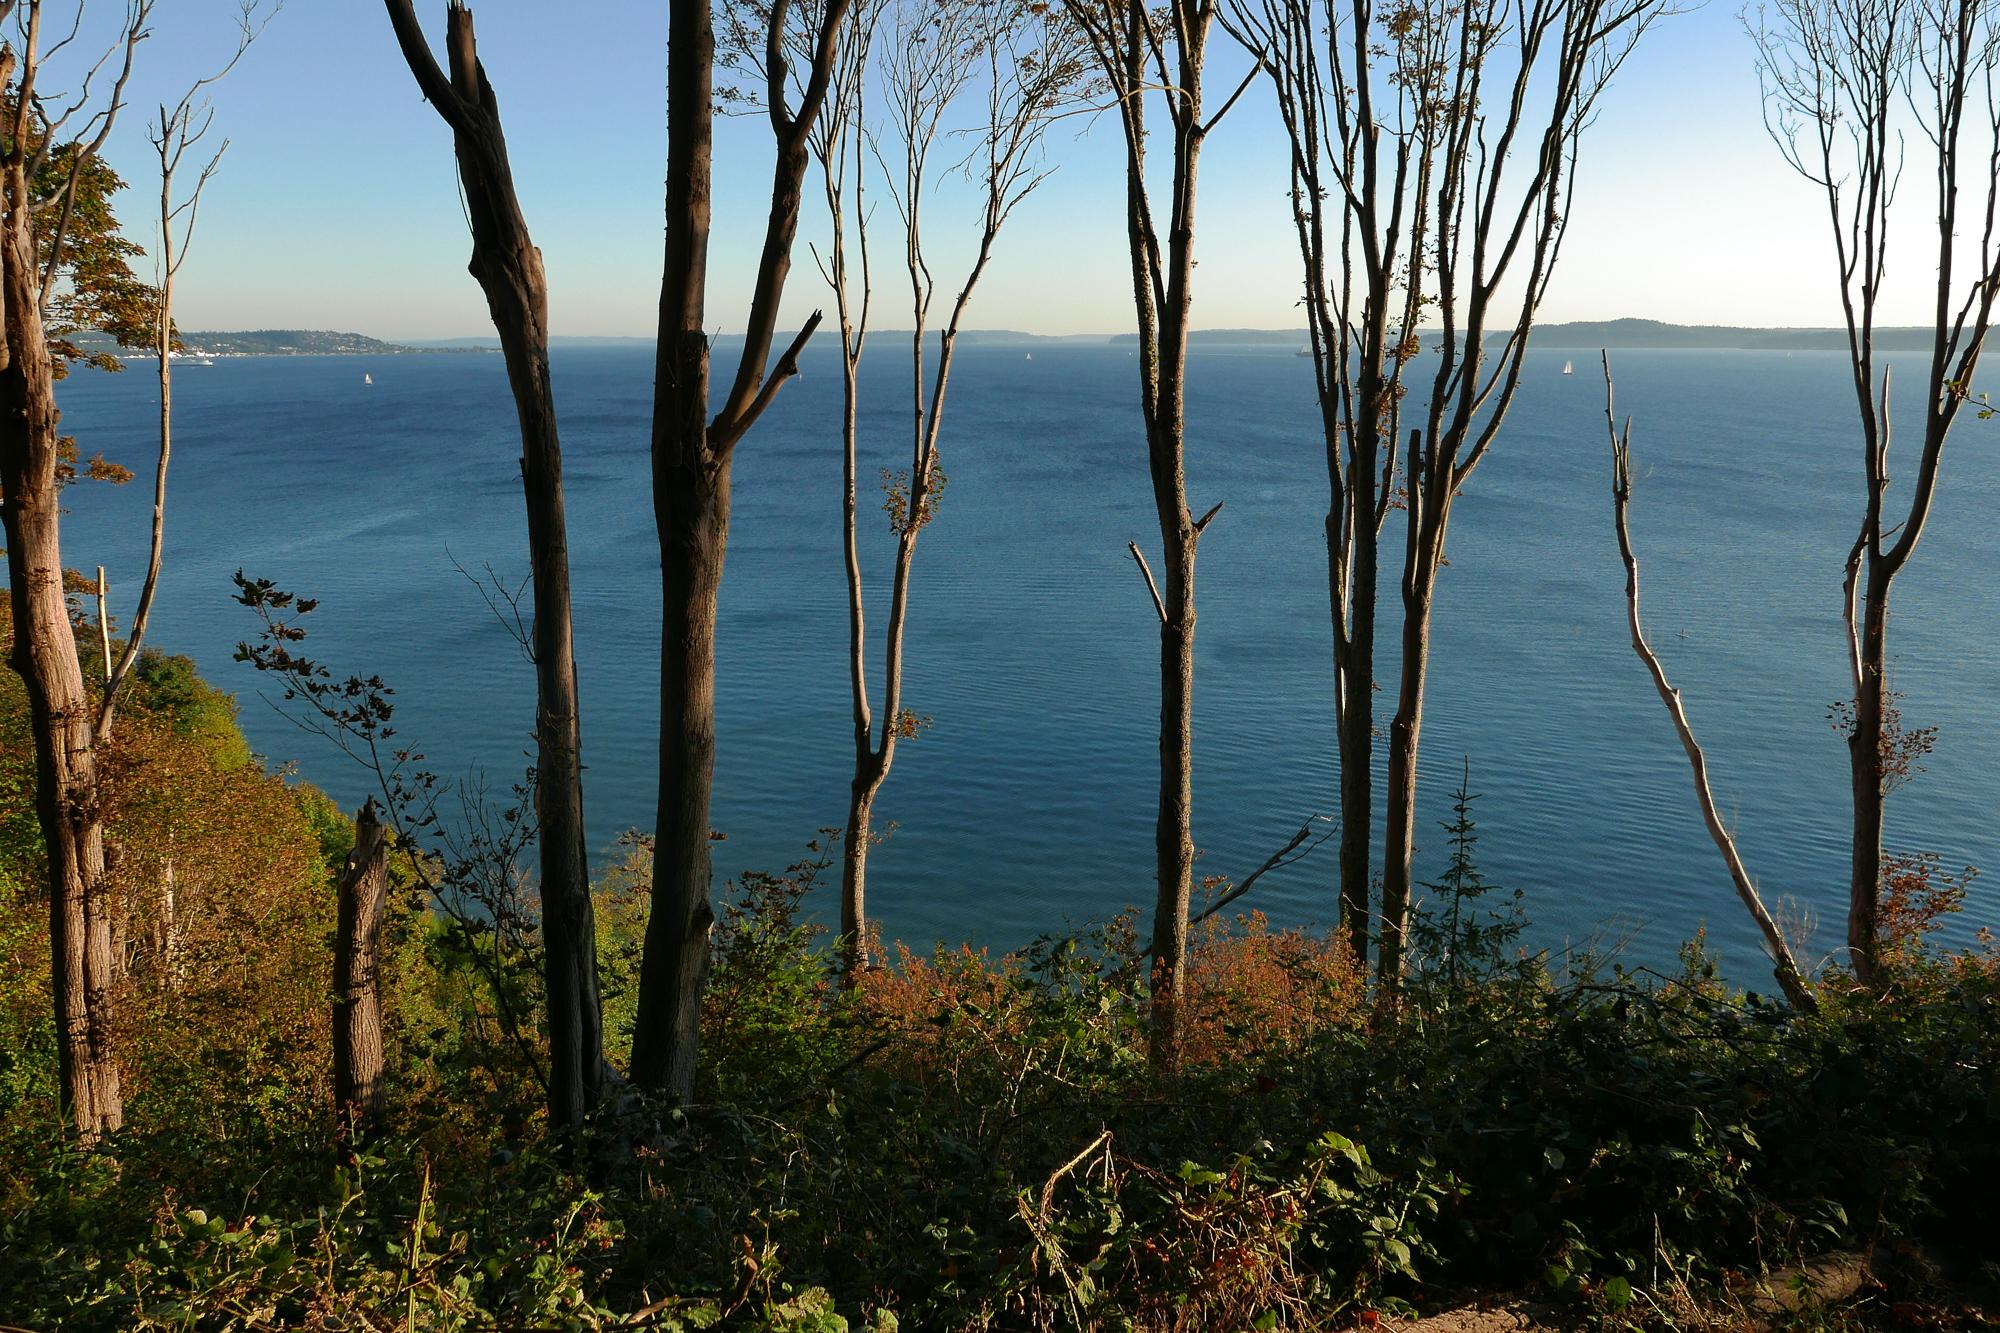 Puget Sound overlook